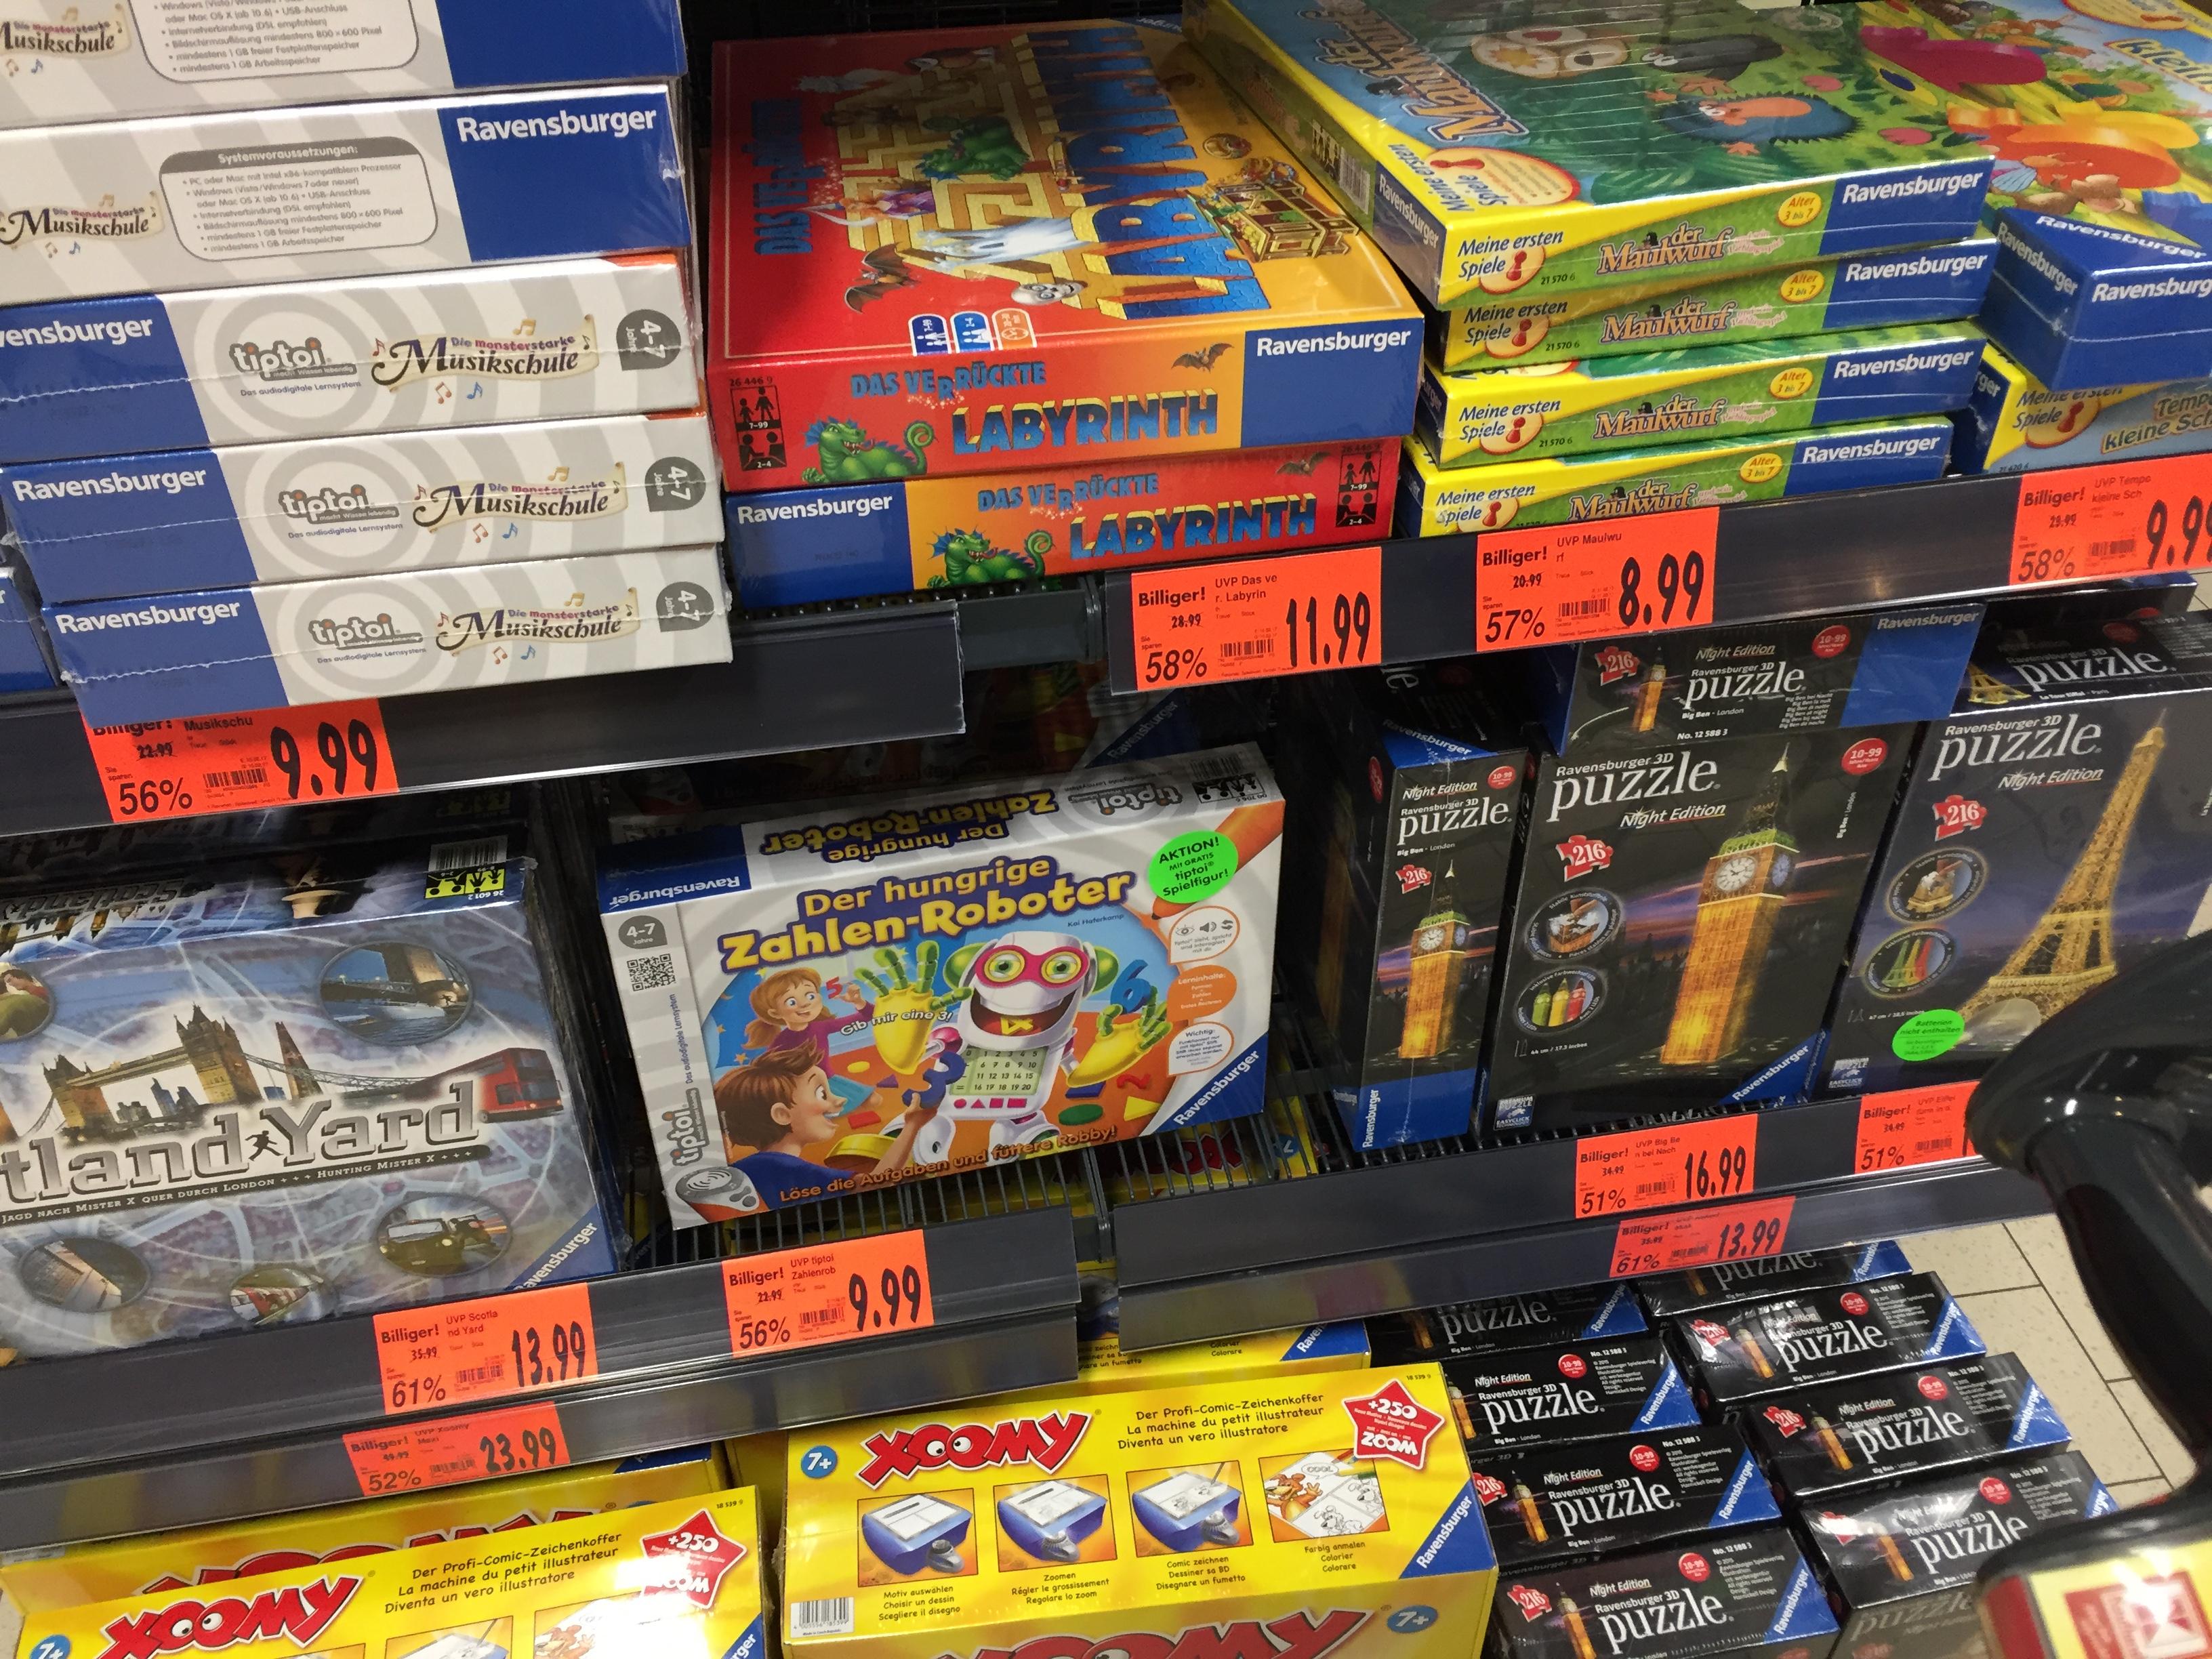 Diverse Ravensburger Brettspiele extrem reduziert, Das verrückte Labyrinth 11,99€, Scotland Yard 13,99€ uvm. @ KAUFLAND Würselen